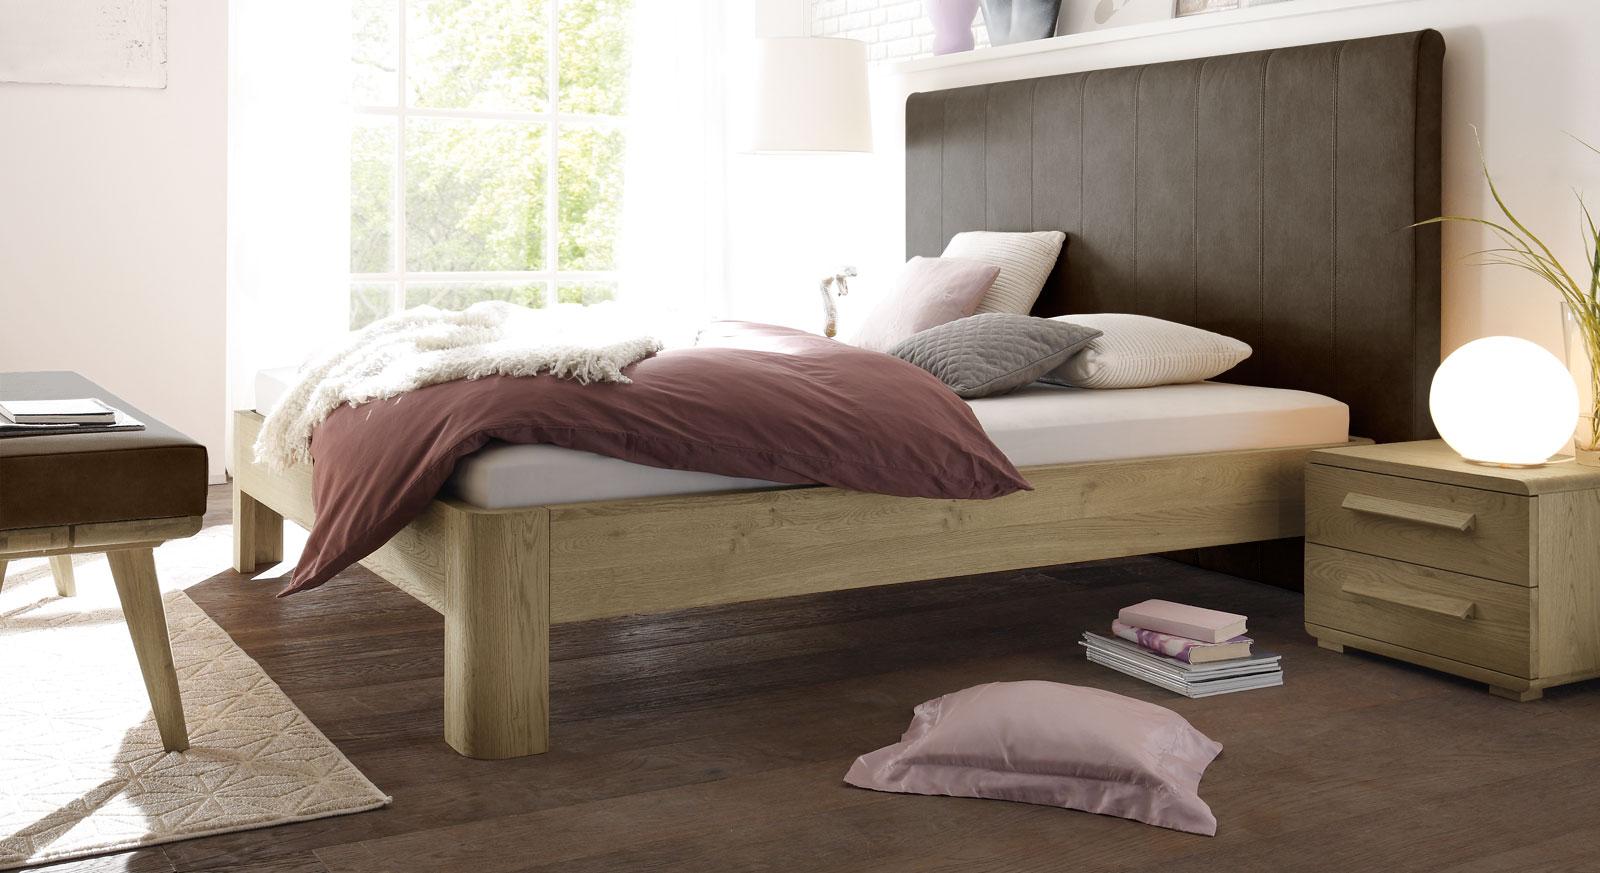 Bett Banco aus braunem Kunstleder und Eiche